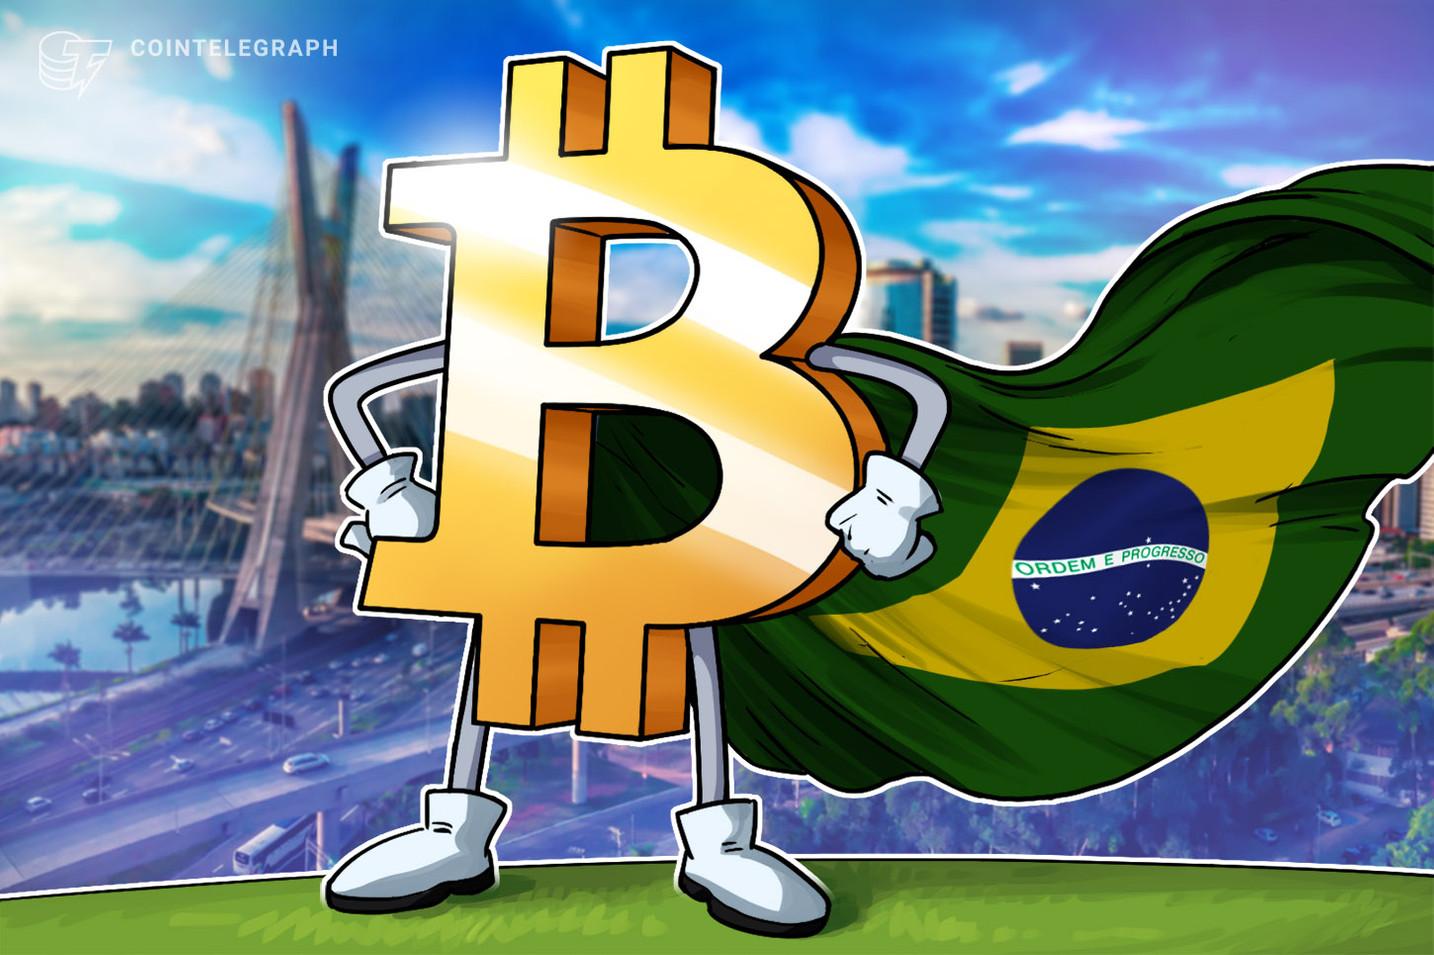 Brasileiros negociam, em 5 meses, quase R$ 10 bilhões em Bitcoin e criptomoedas revela Receita Federal